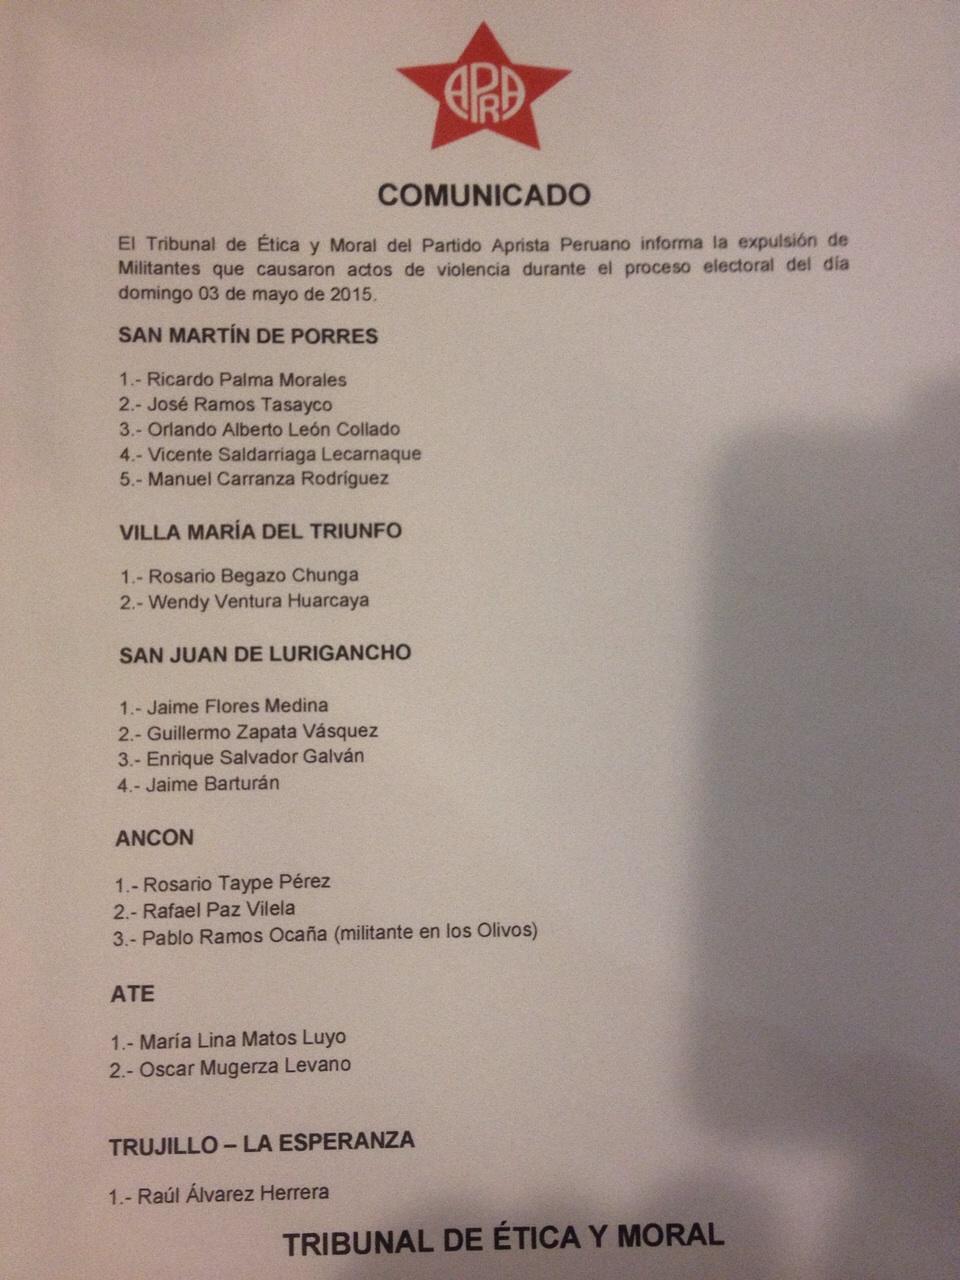 Relación de los 18 militantes expulsados.